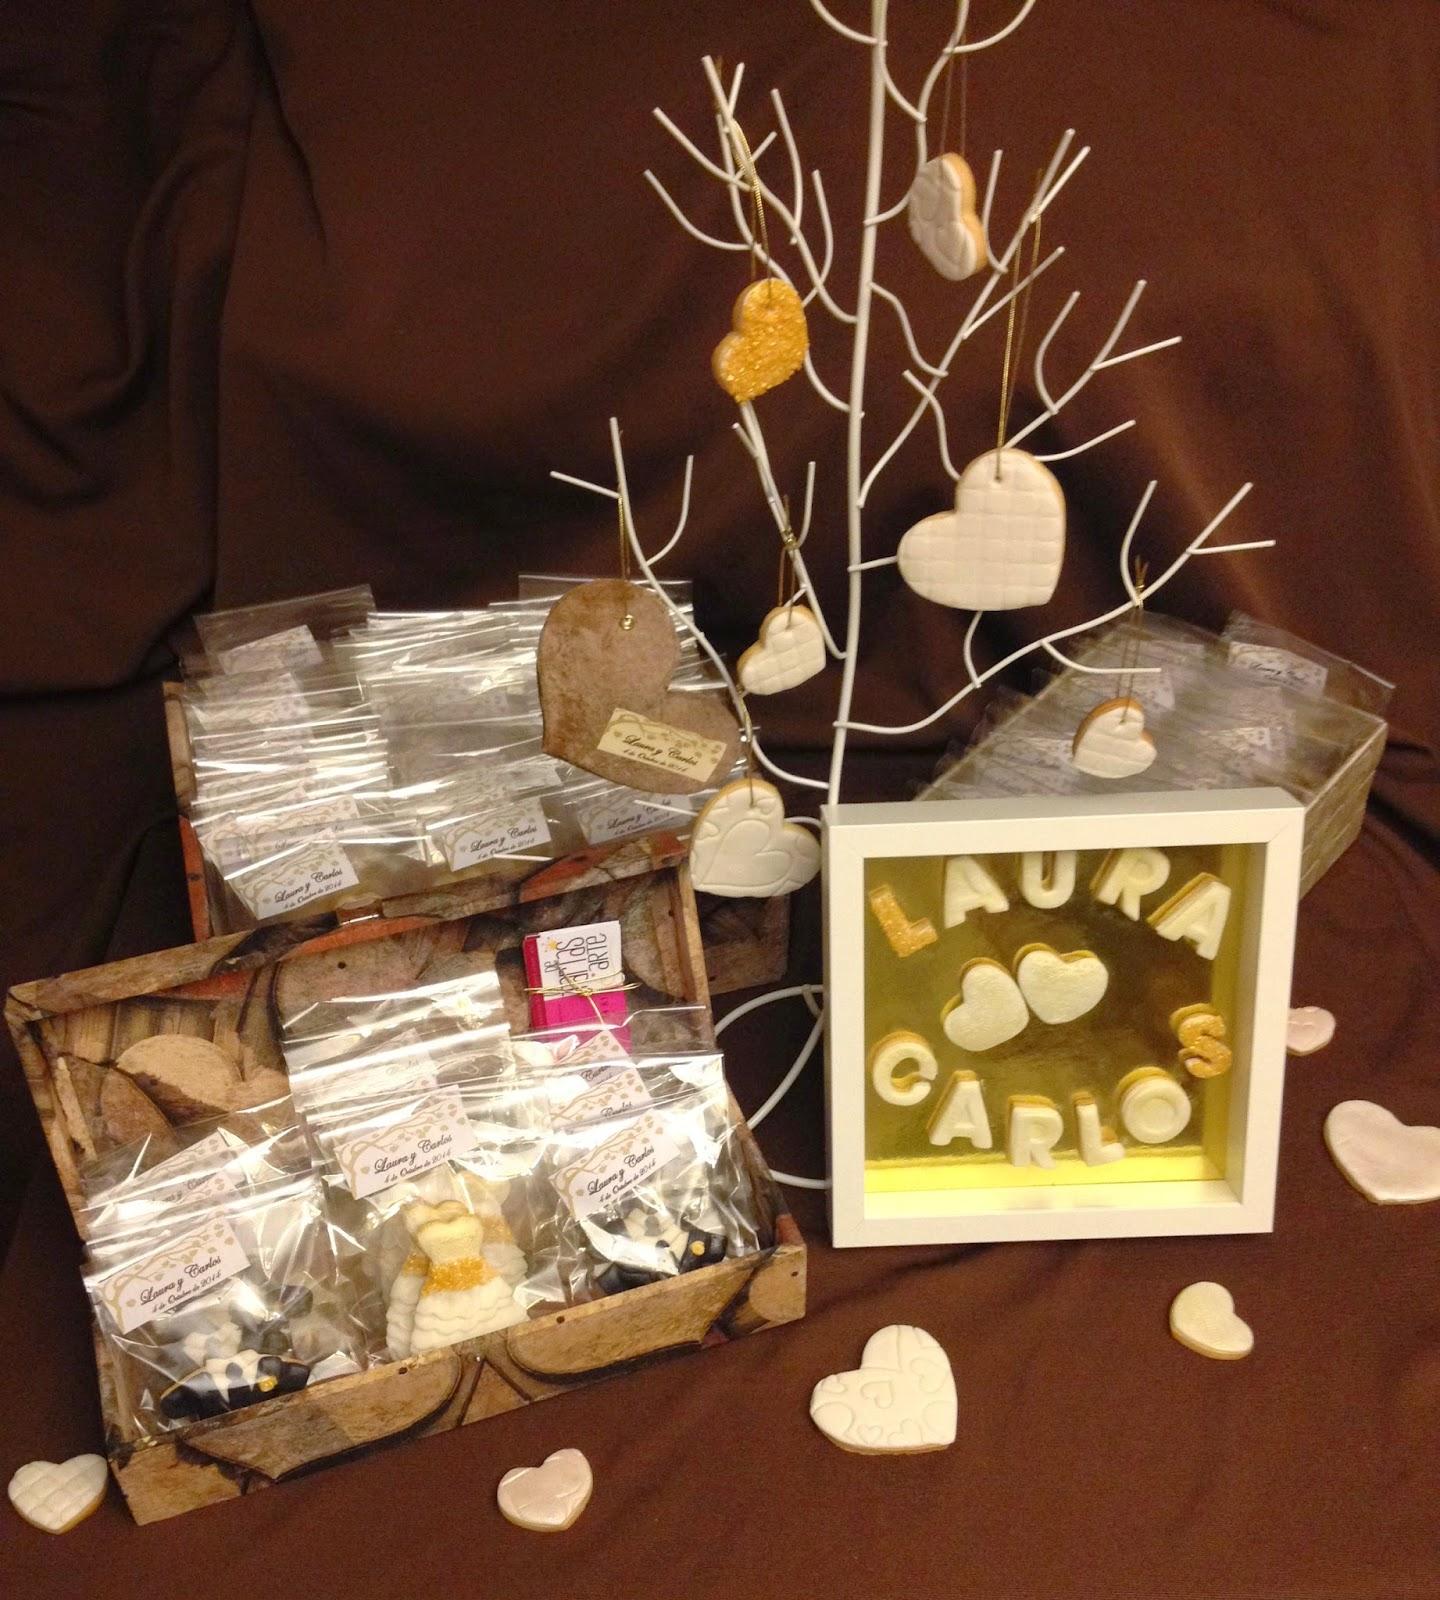 galletas decoradas; galletas fondant; galletas boda; galletas novia; galletas novio